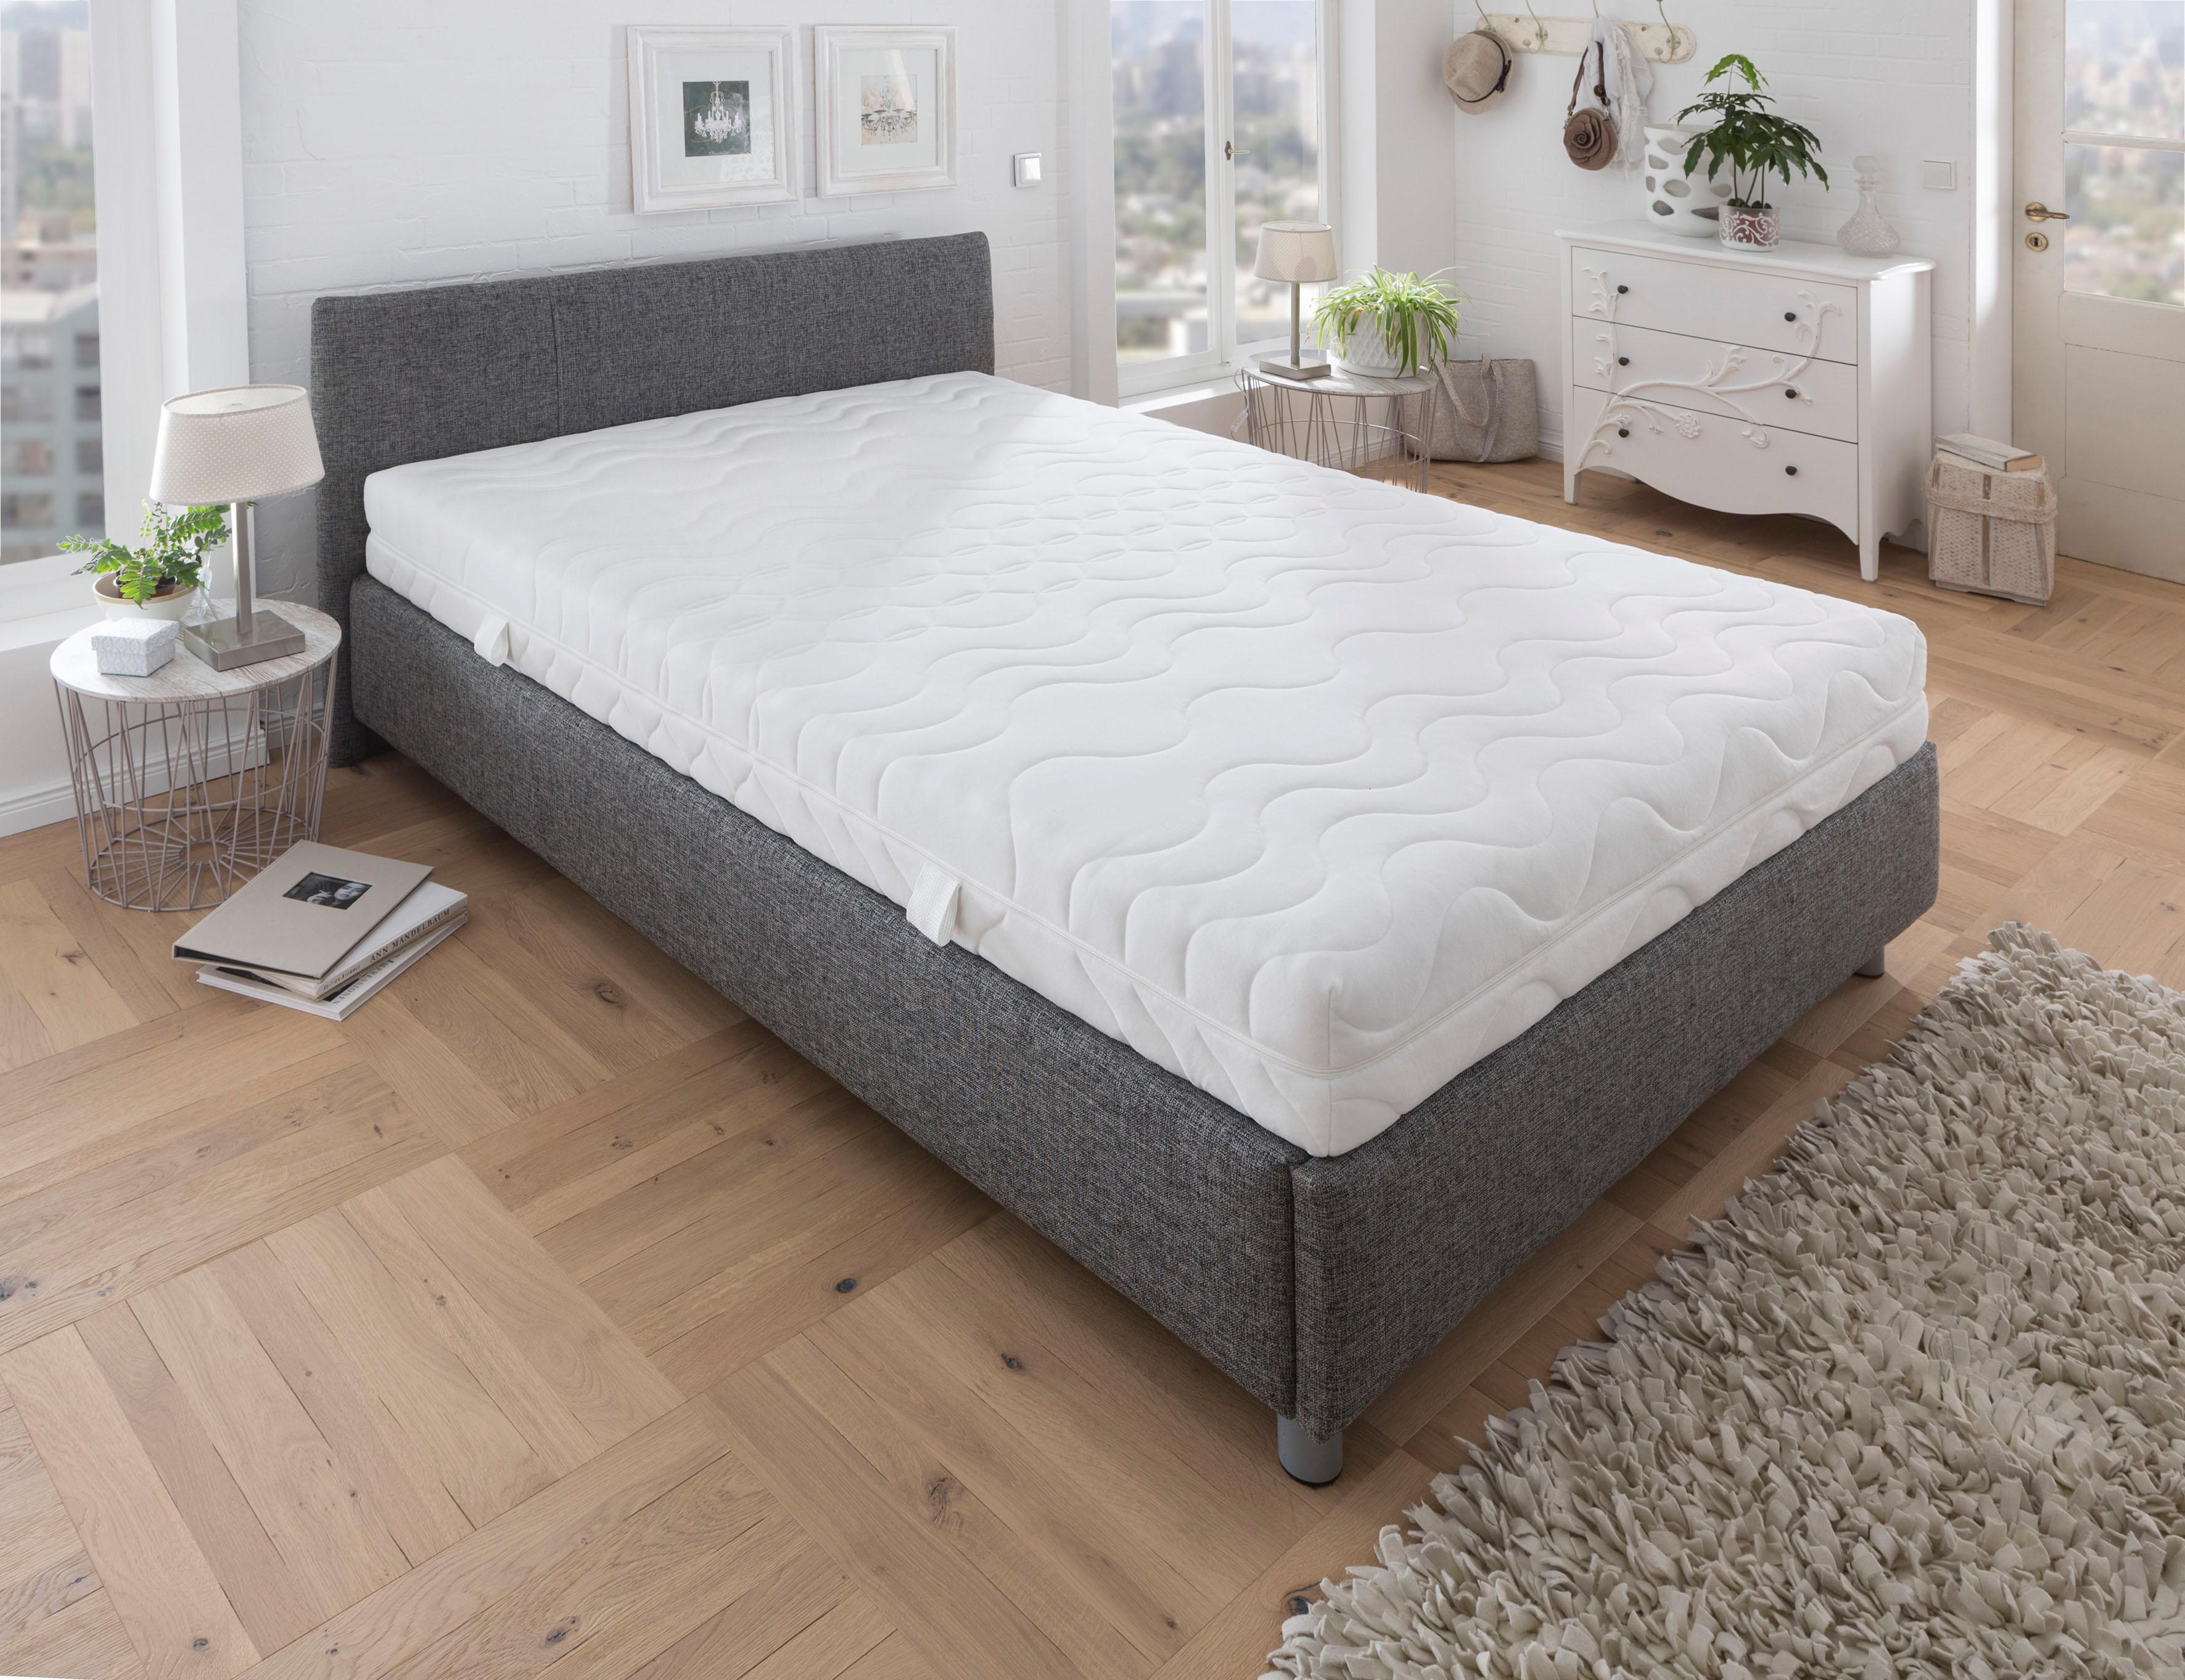 Komfortschaummatratze Standard KS Beco 15 cm hoch